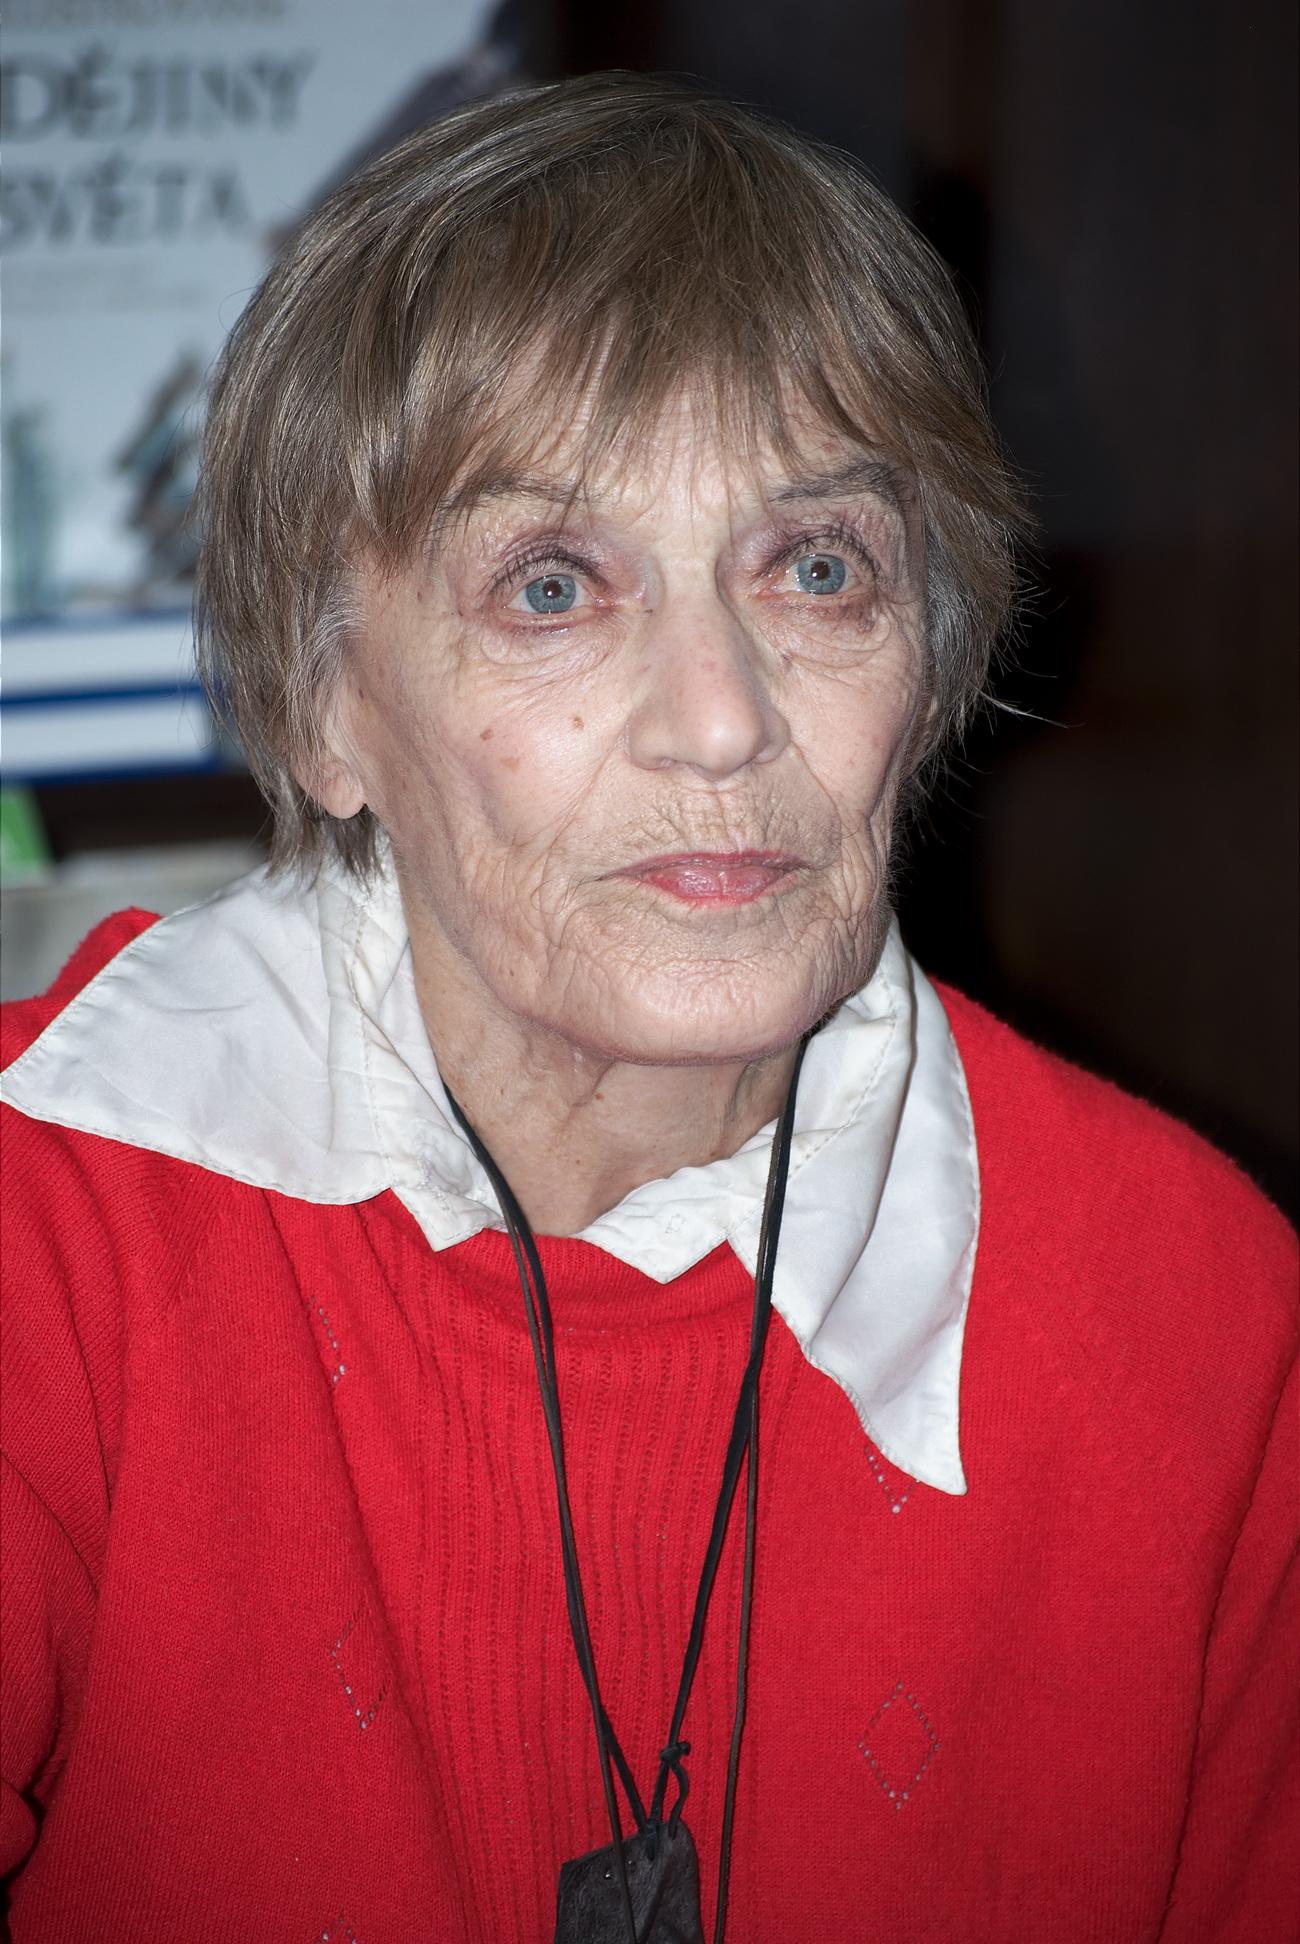 Luba Skořepová in 2010